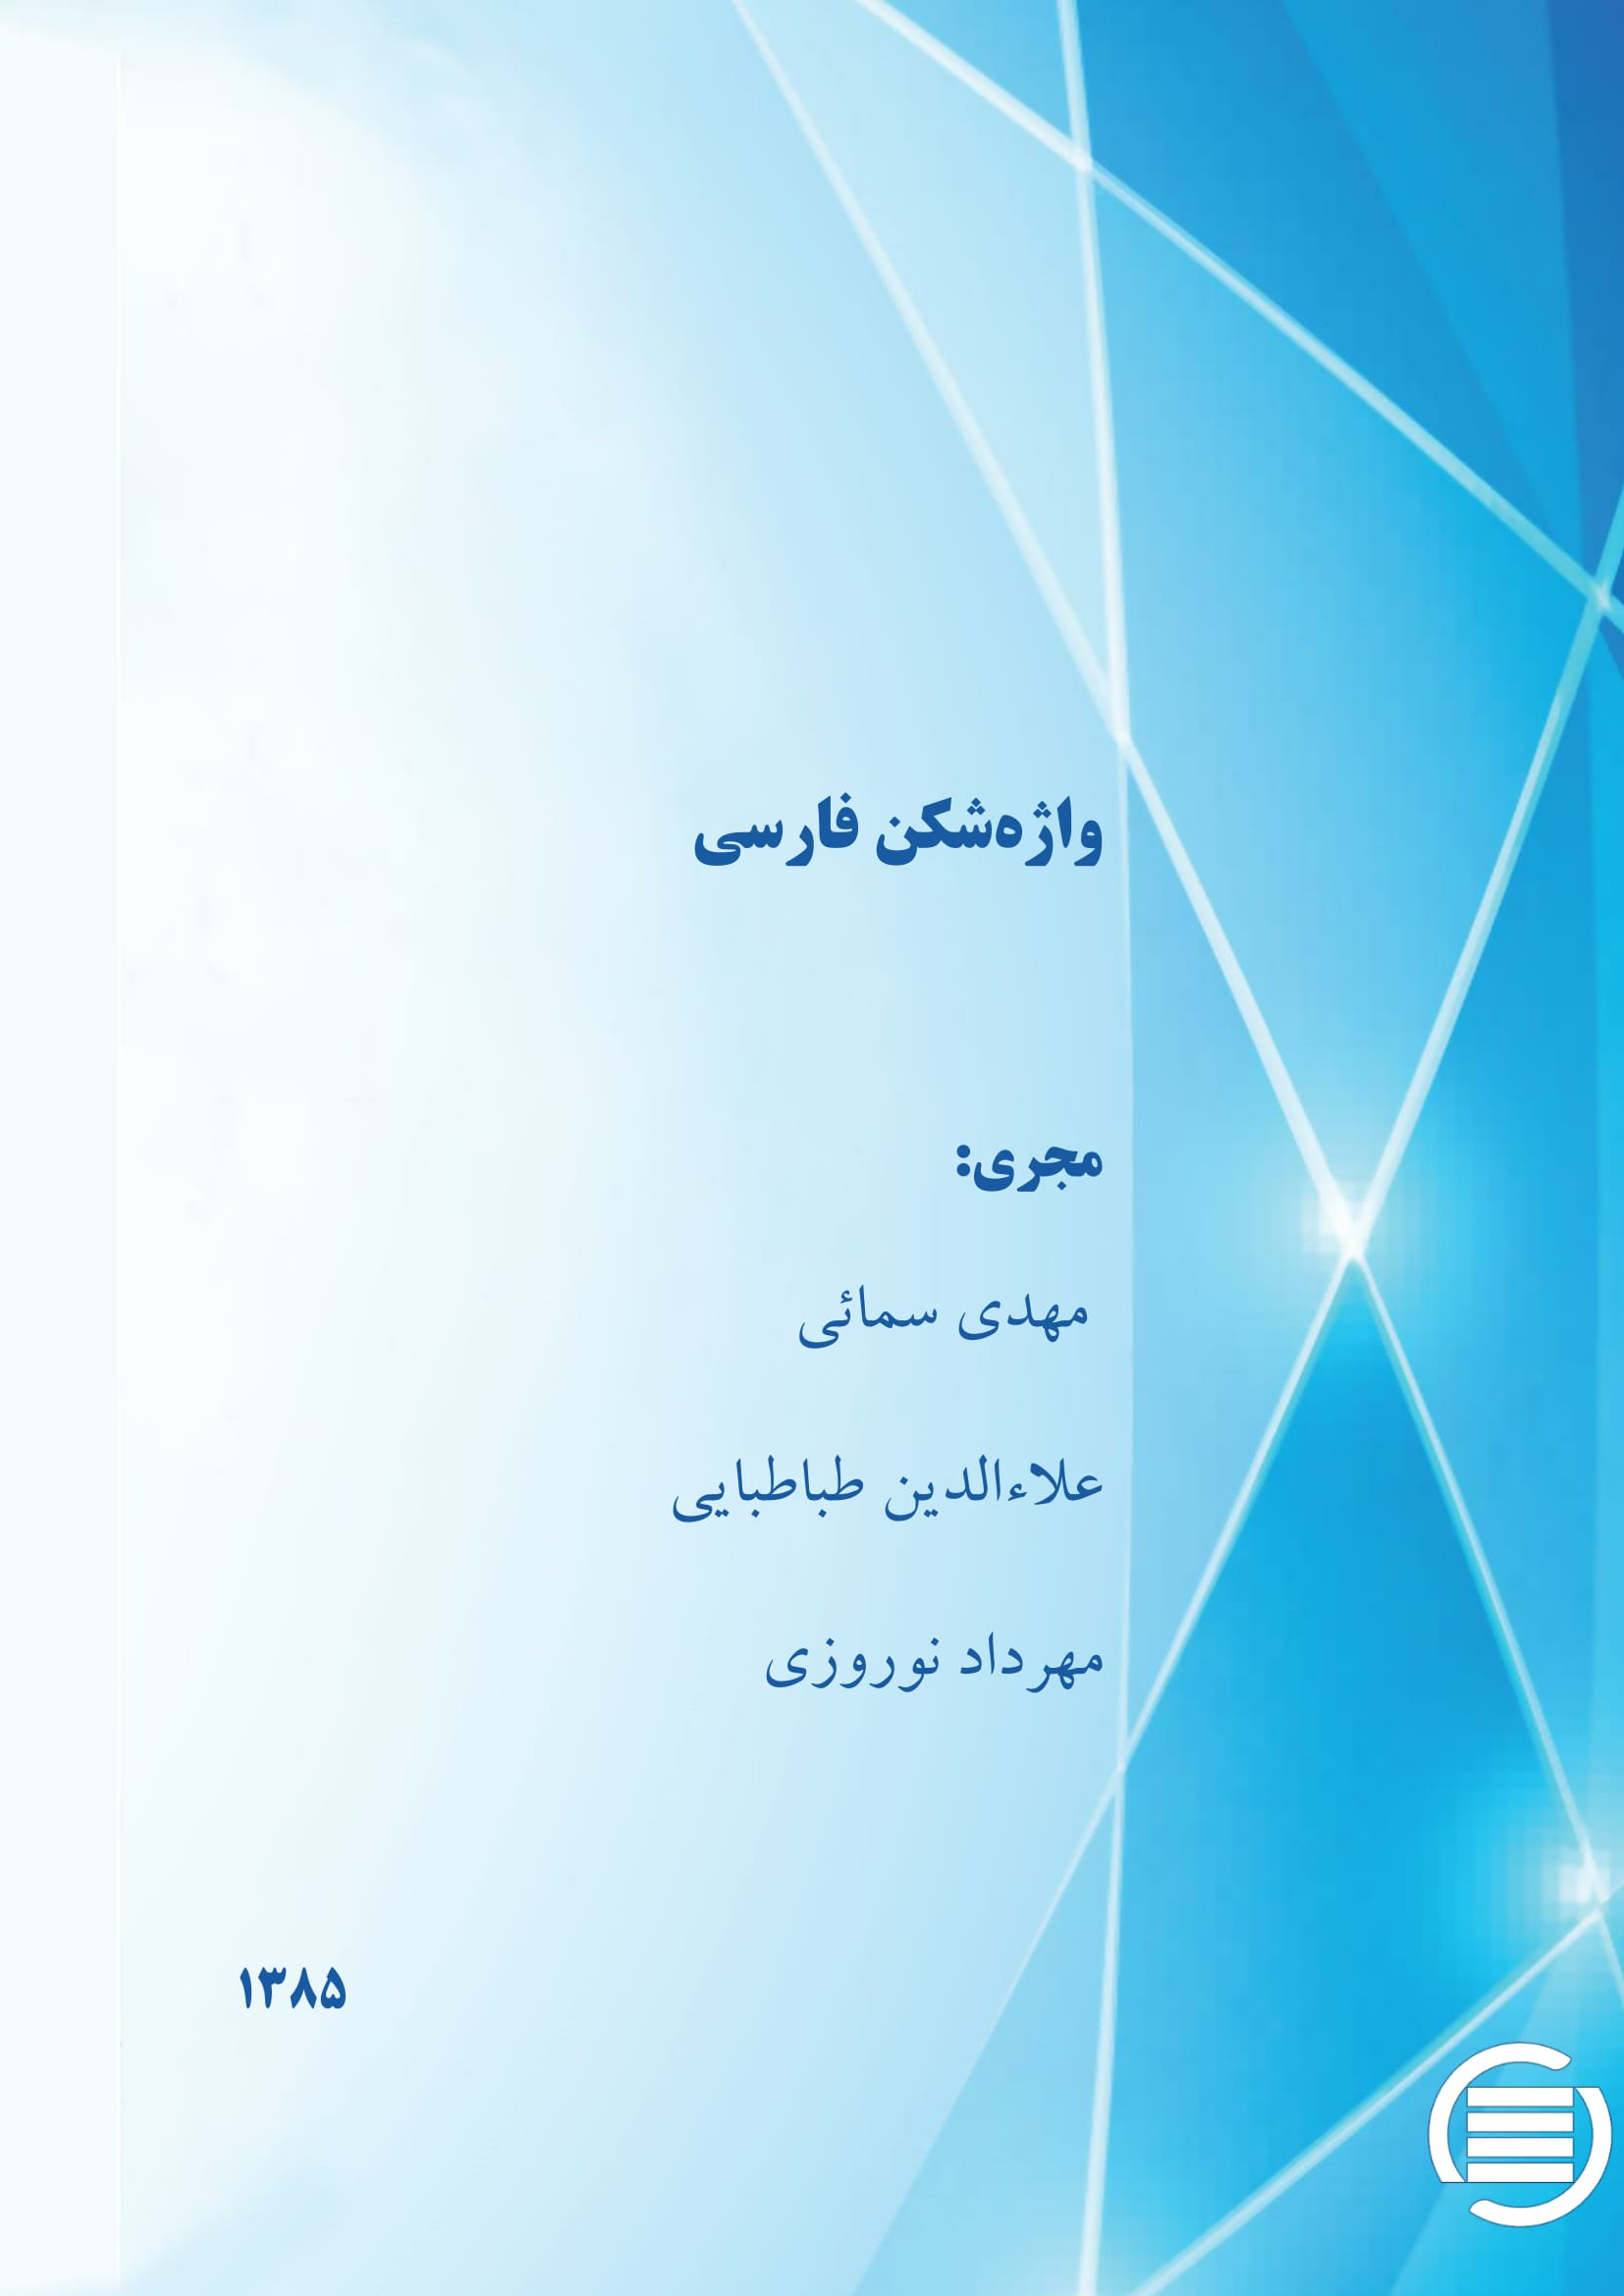 واژهشکن فارسی